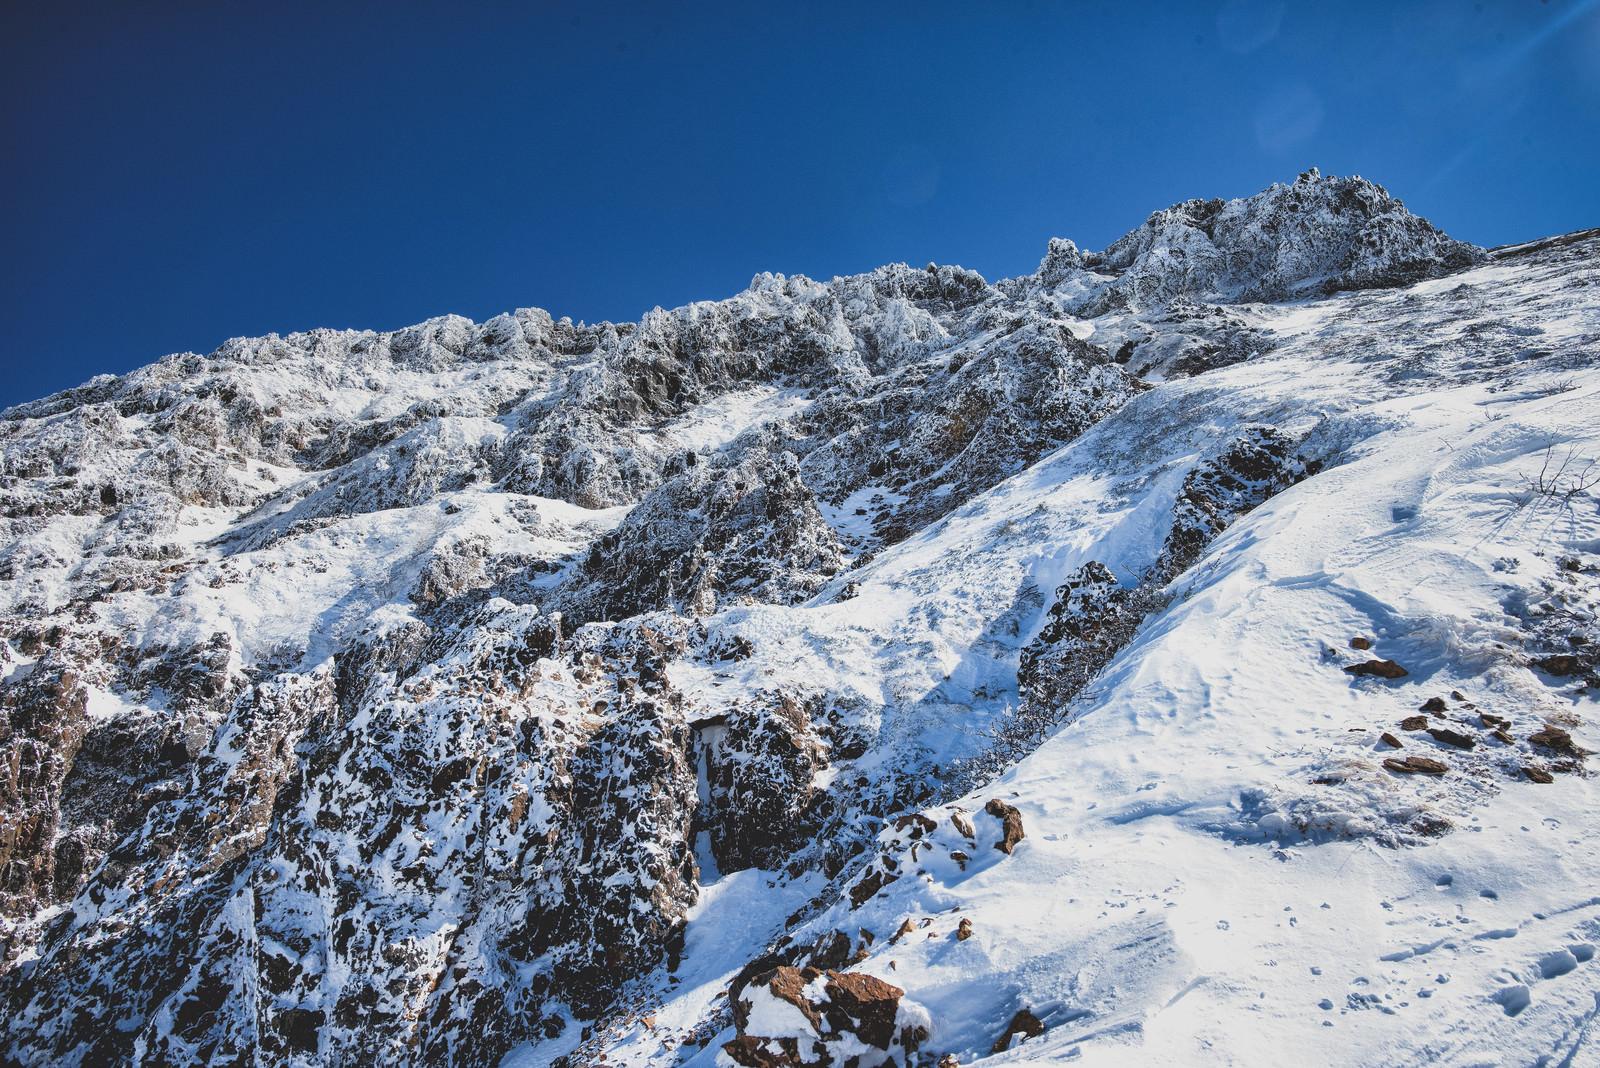 「山頂に立ちはだかる岩壁」の写真